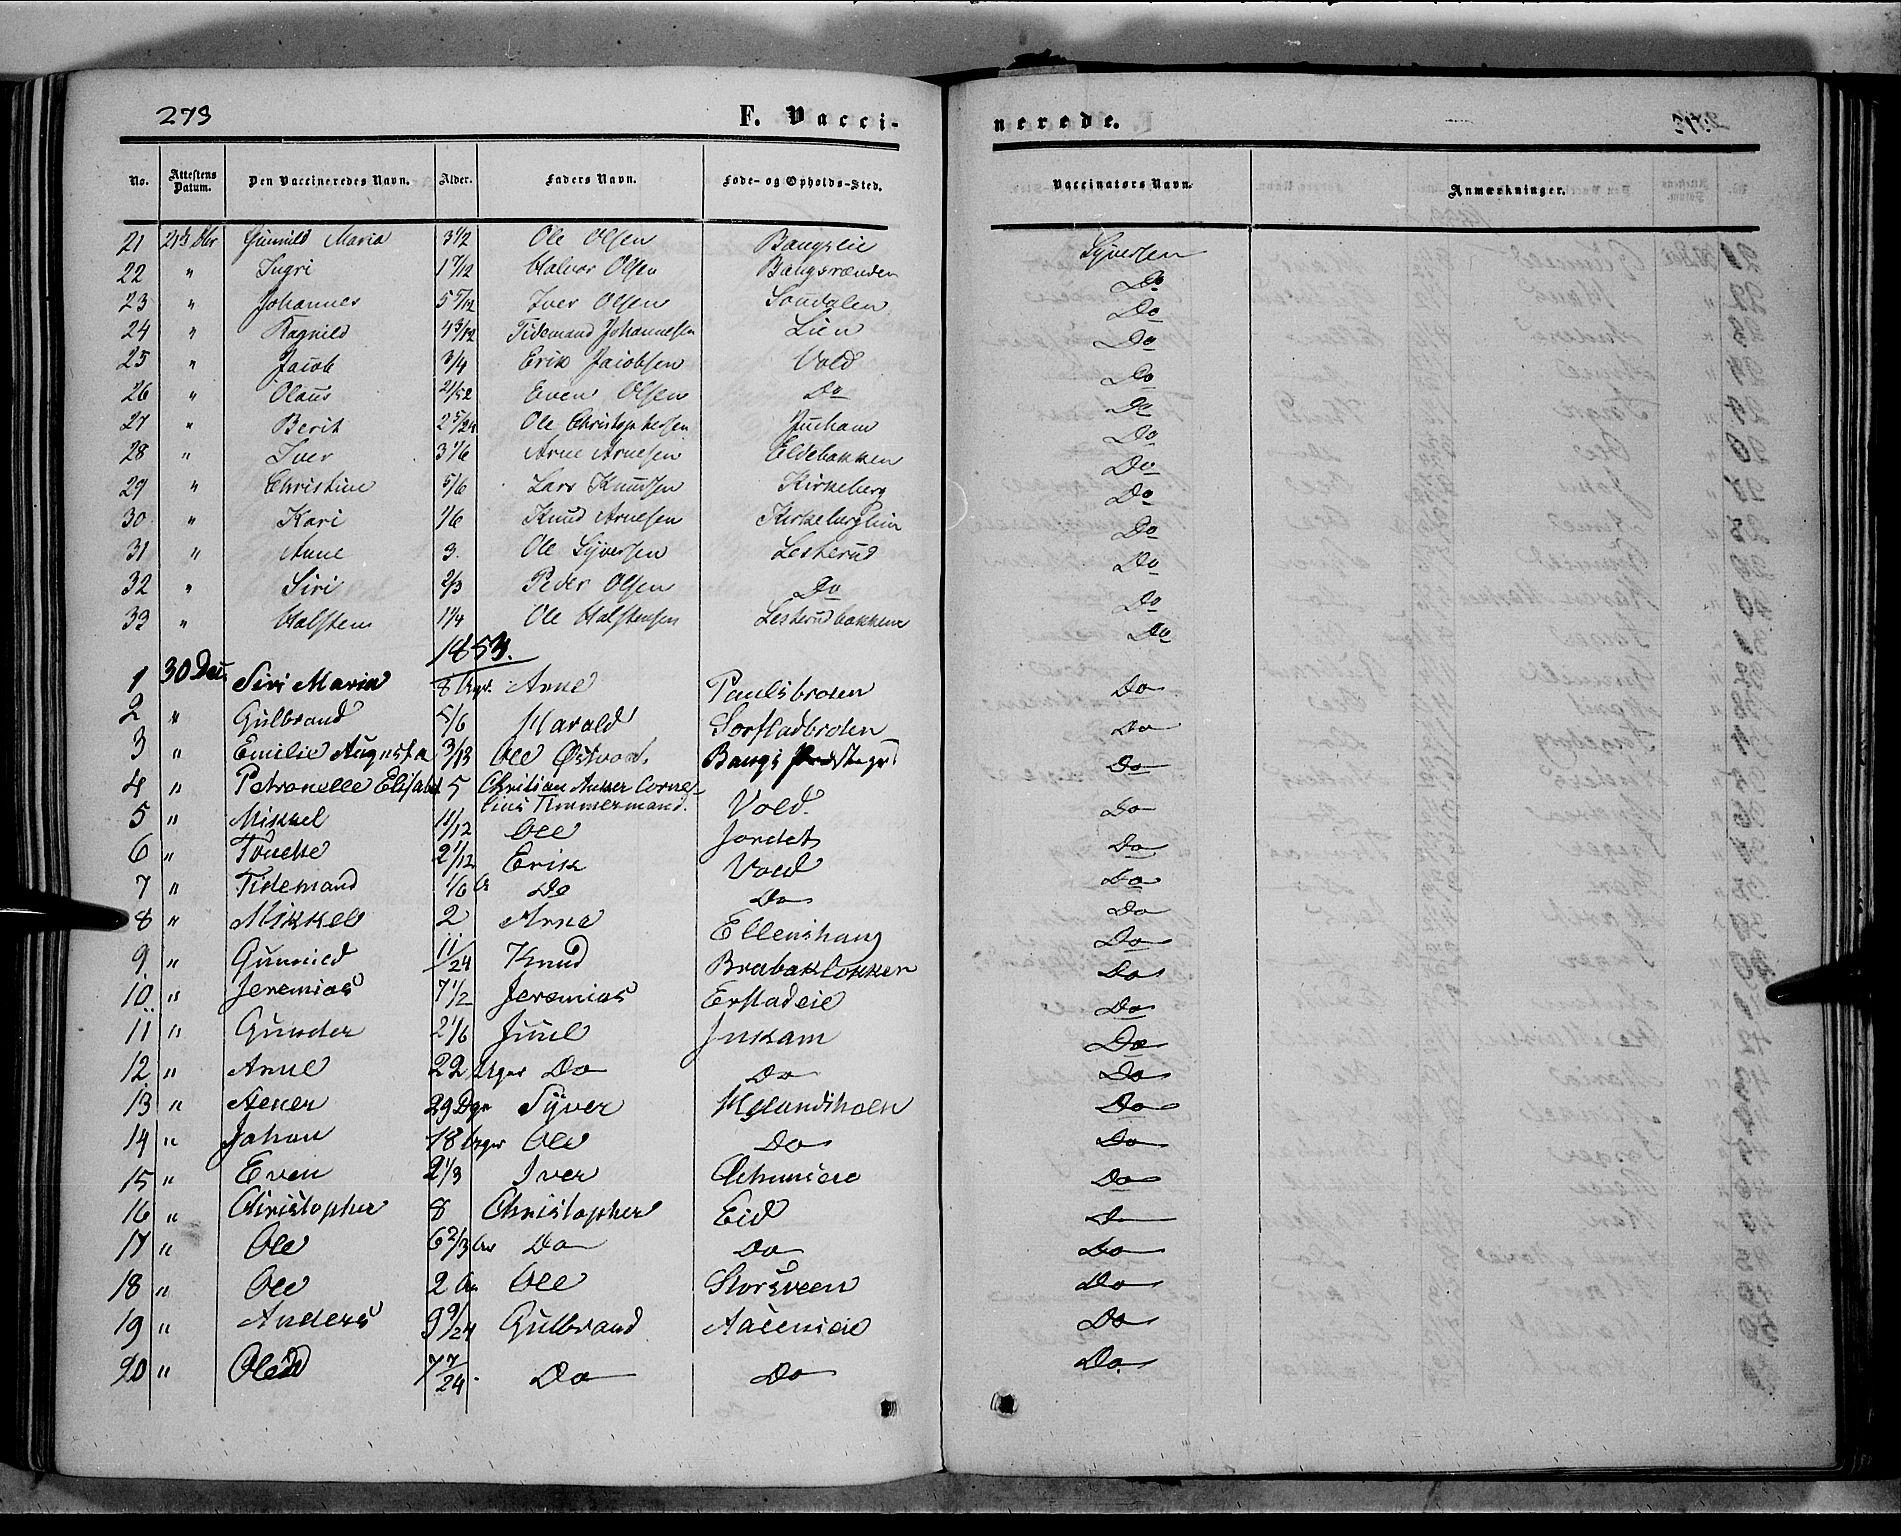 SAH, Sør-Aurdal prestekontor, Ministerialbok nr. 5, 1849-1876, s. 273